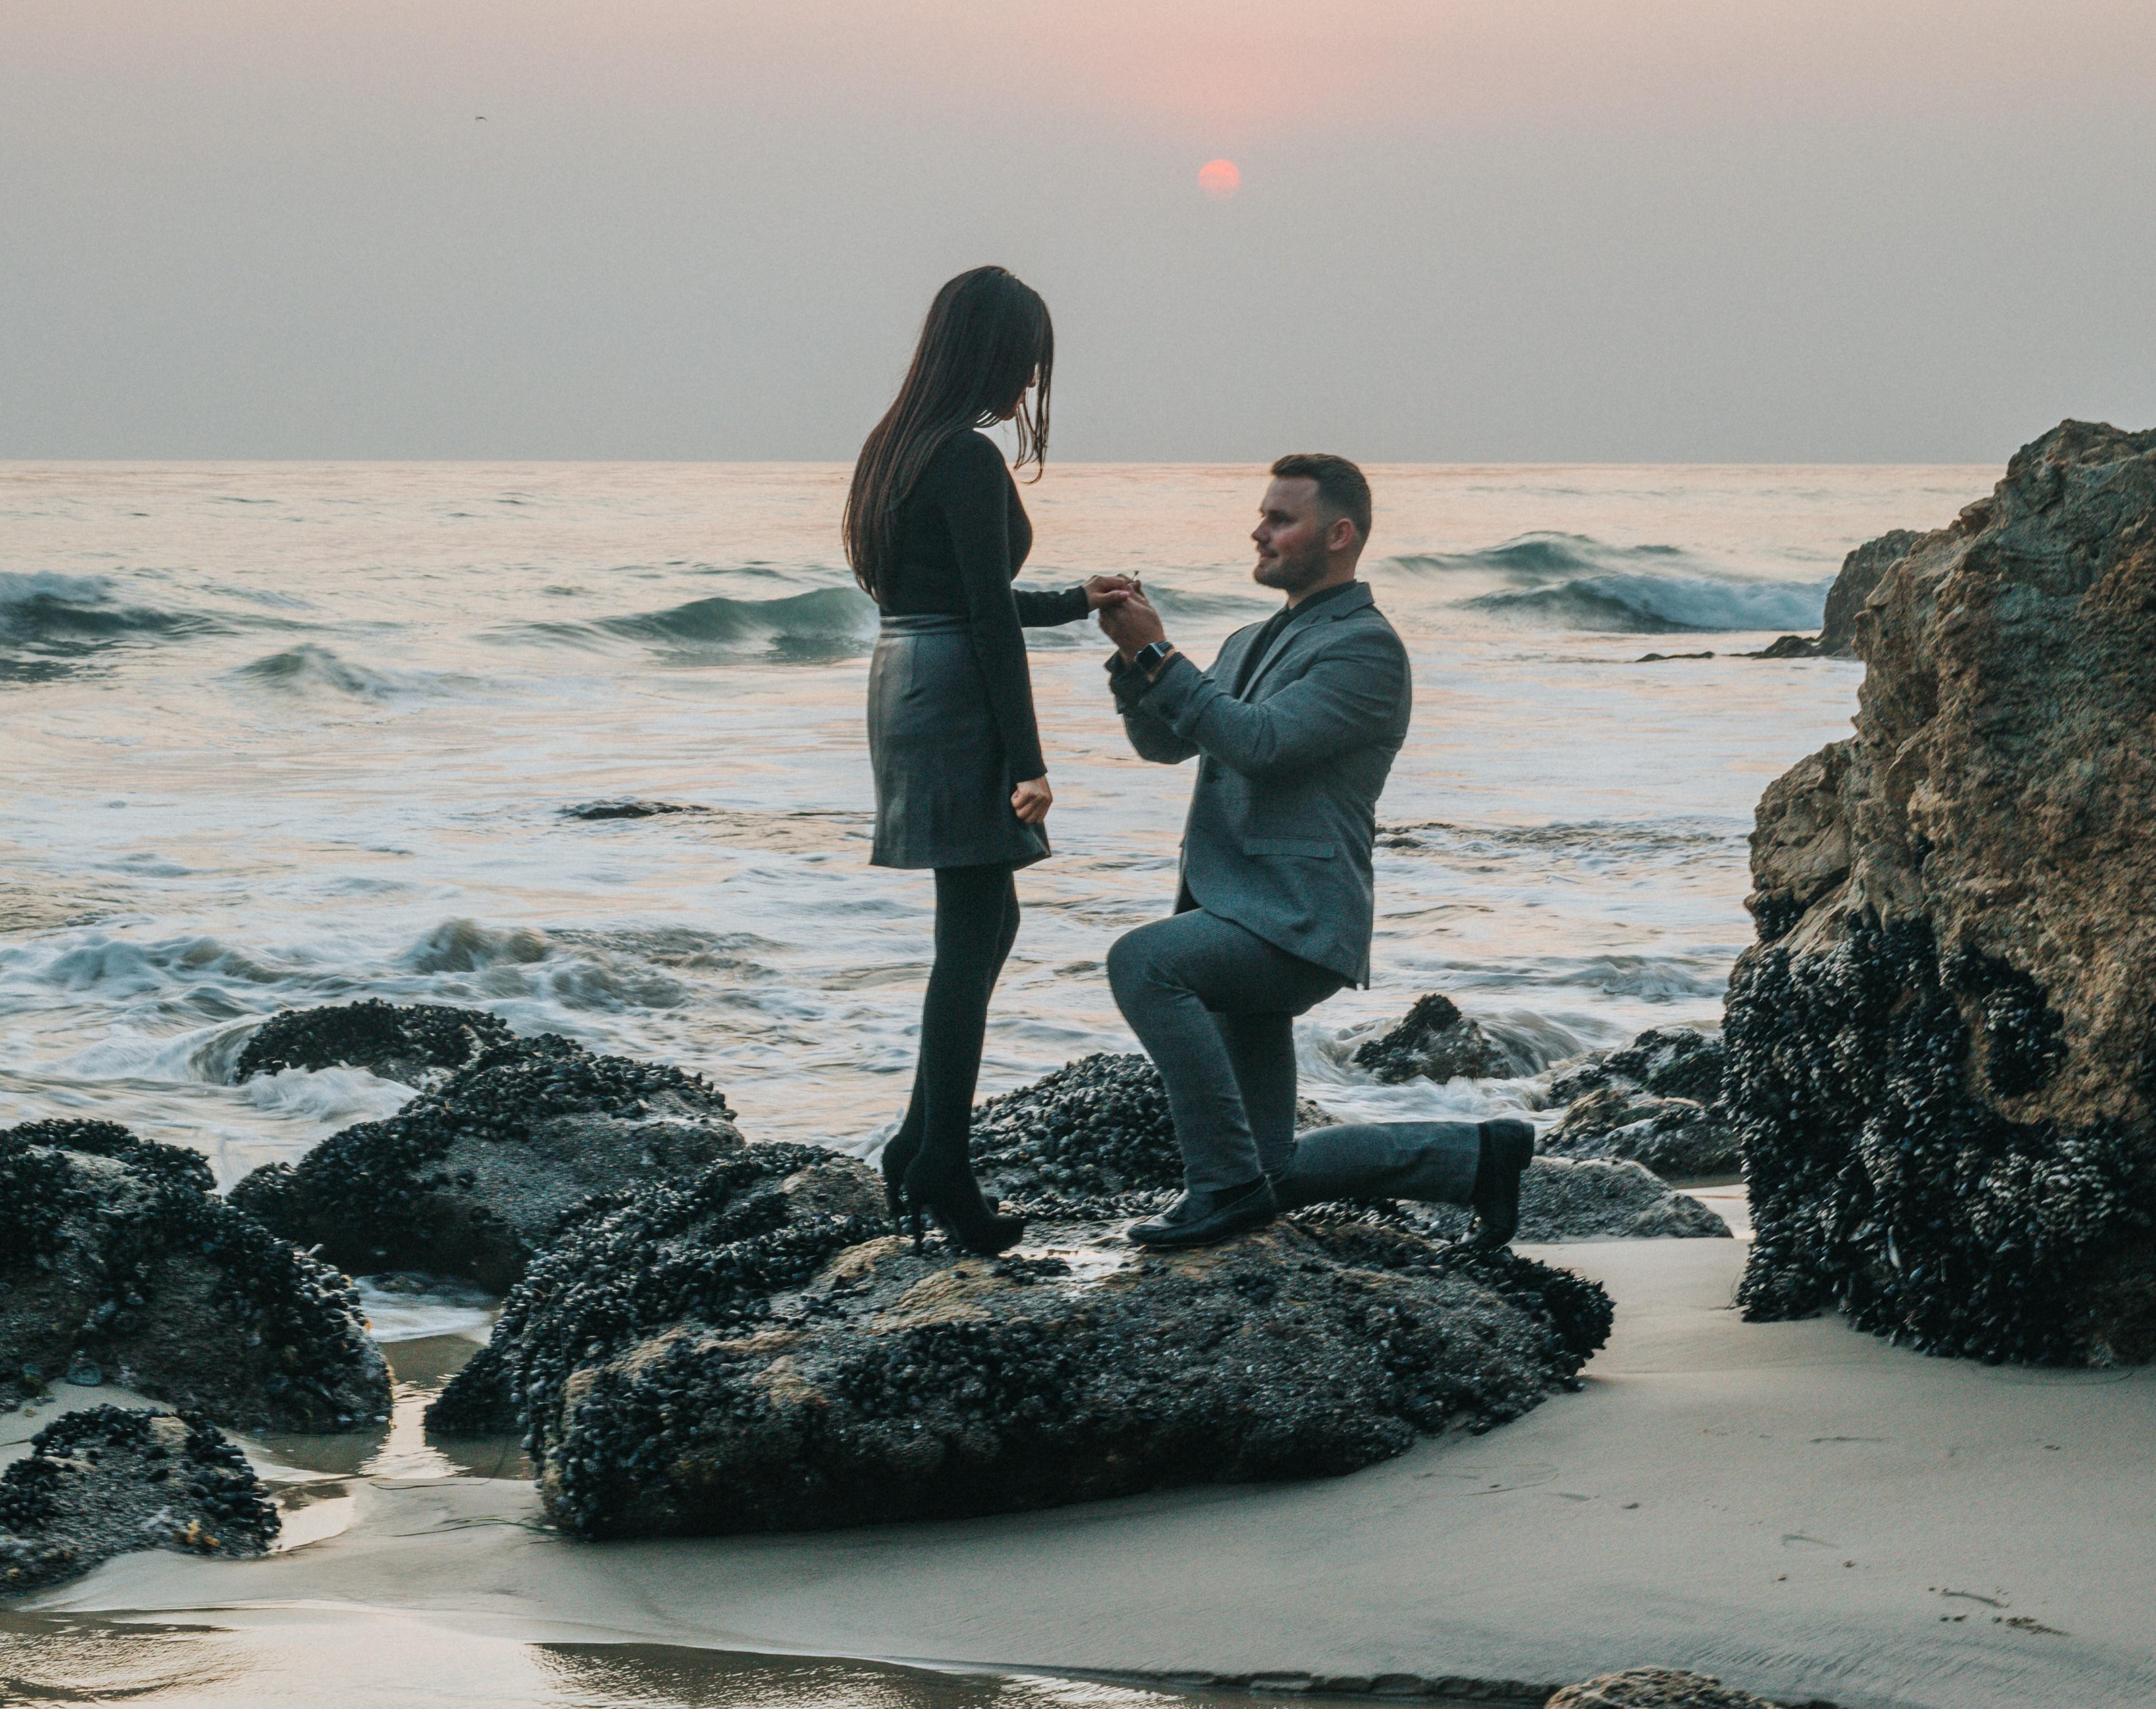 ひざまづいてプロポーズをする男性